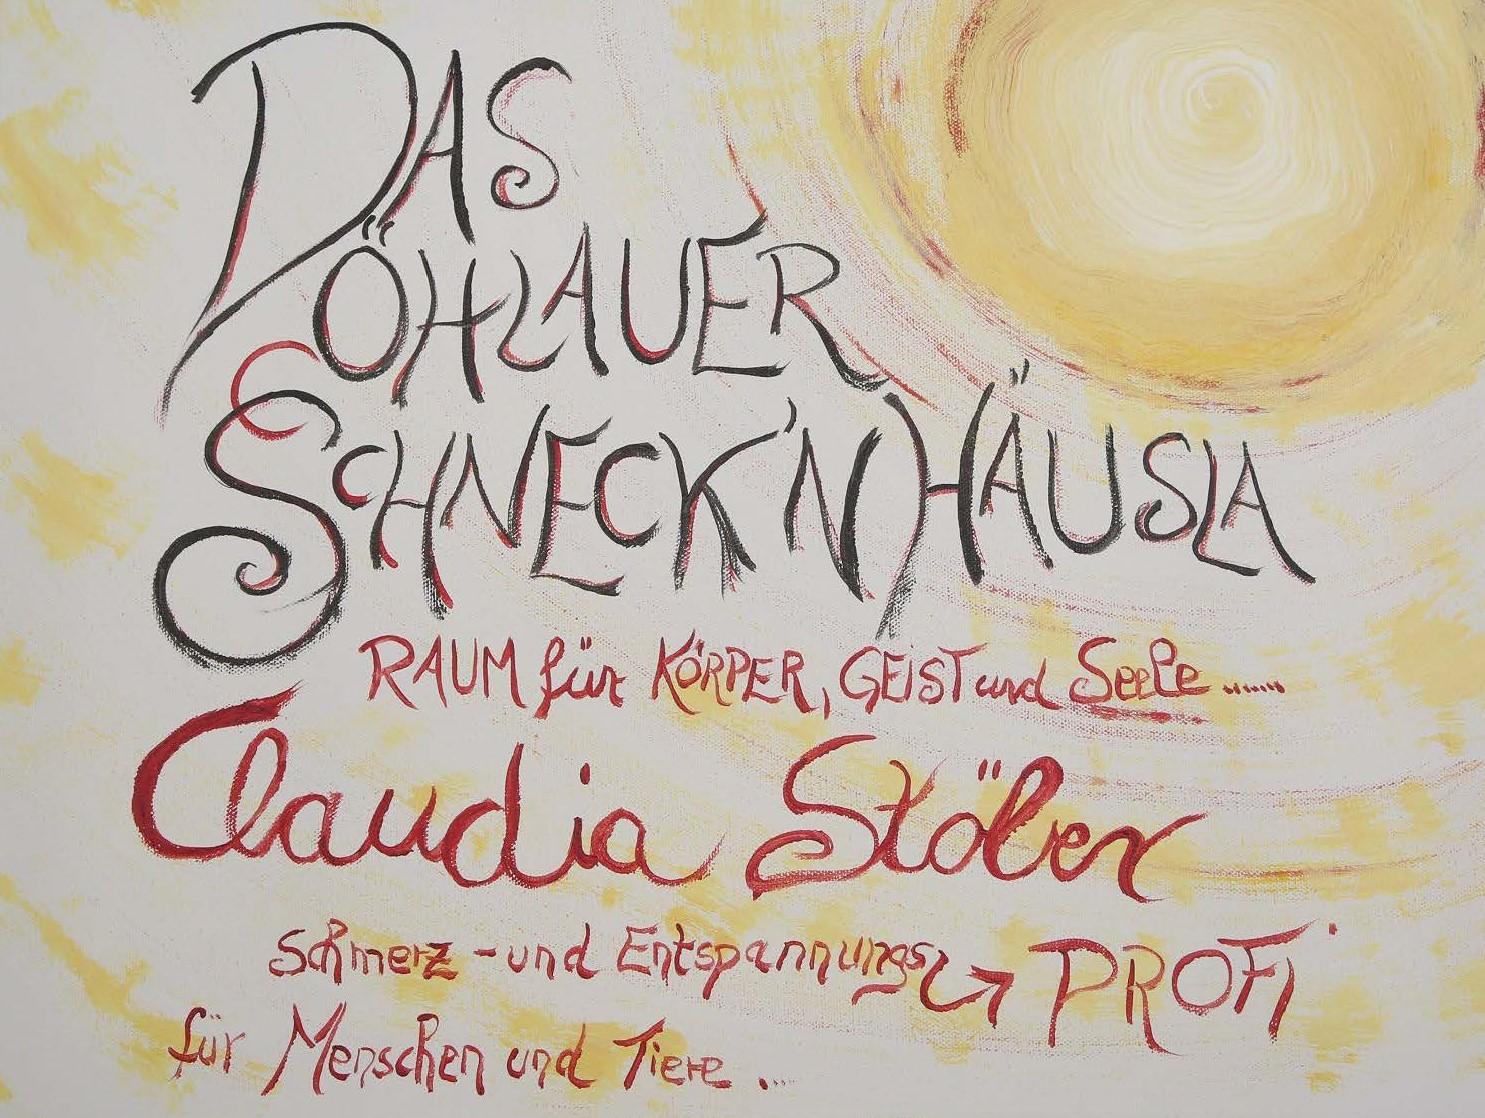 doehlauer-schneckenhaeusla-logo